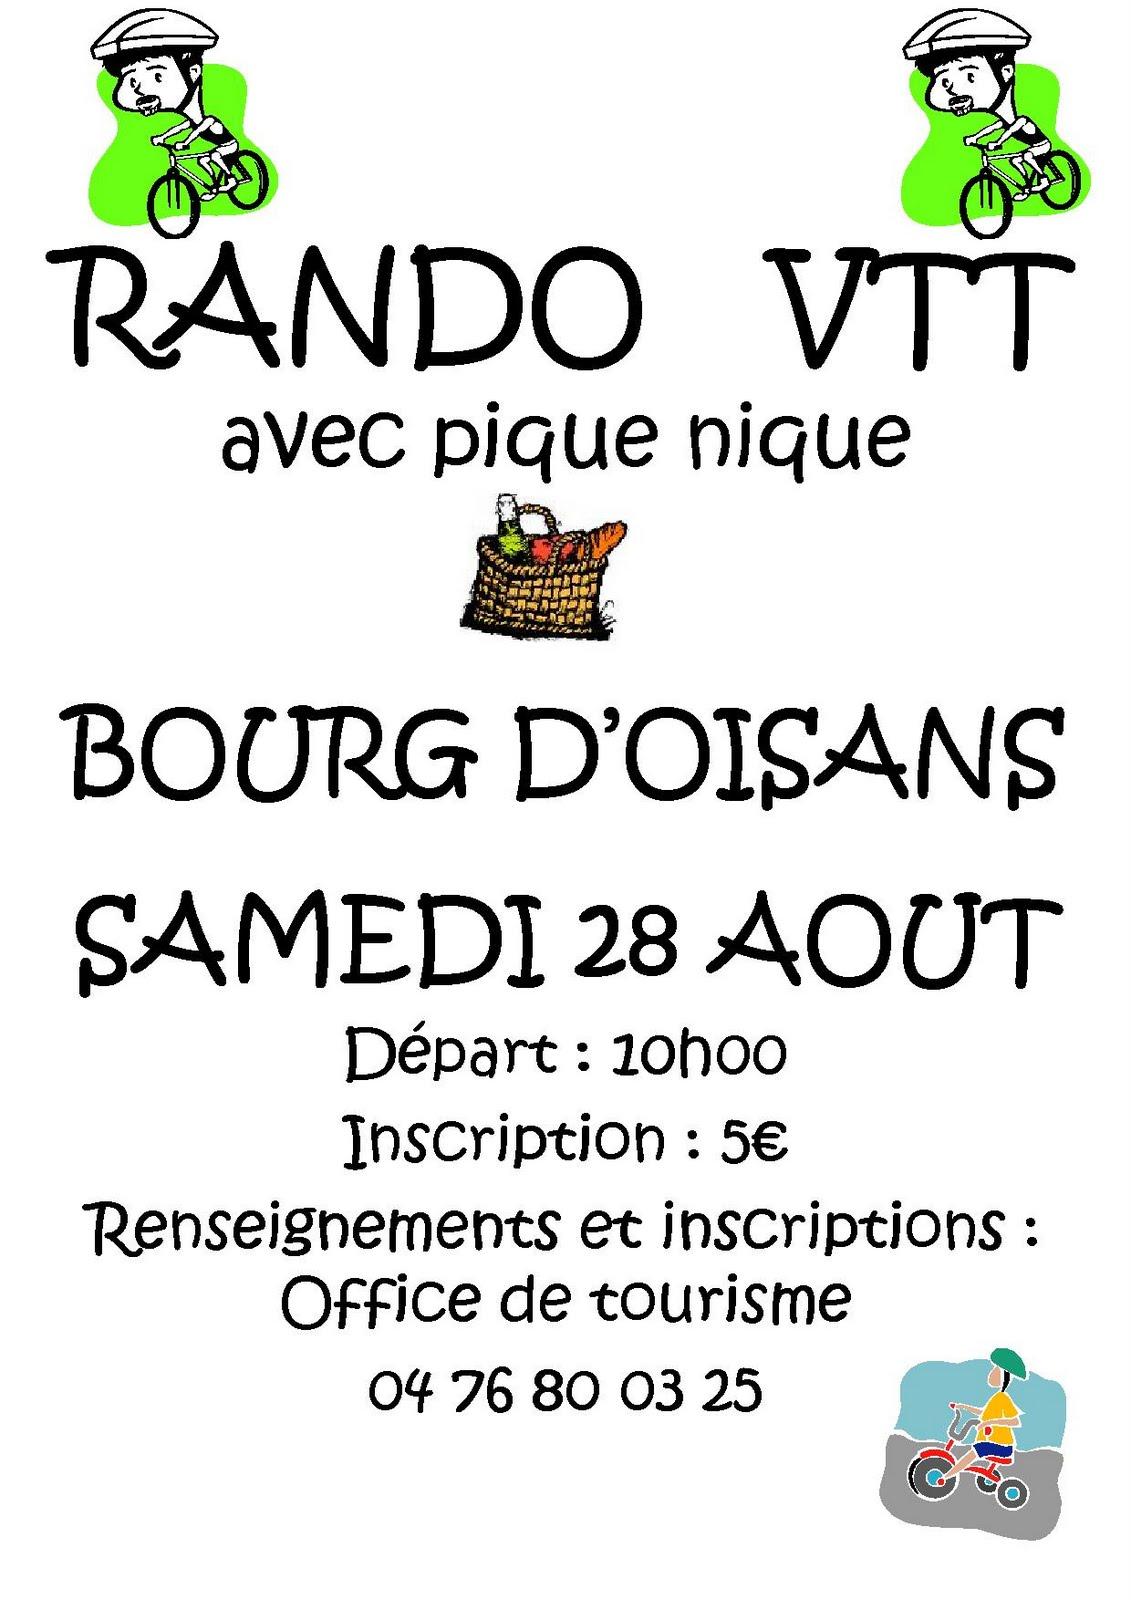 News de l 39 office de tourisme bourg d 39 oisans les festivit s continuent bourg d 39 oisans - Bourg d oisans office tourisme ...